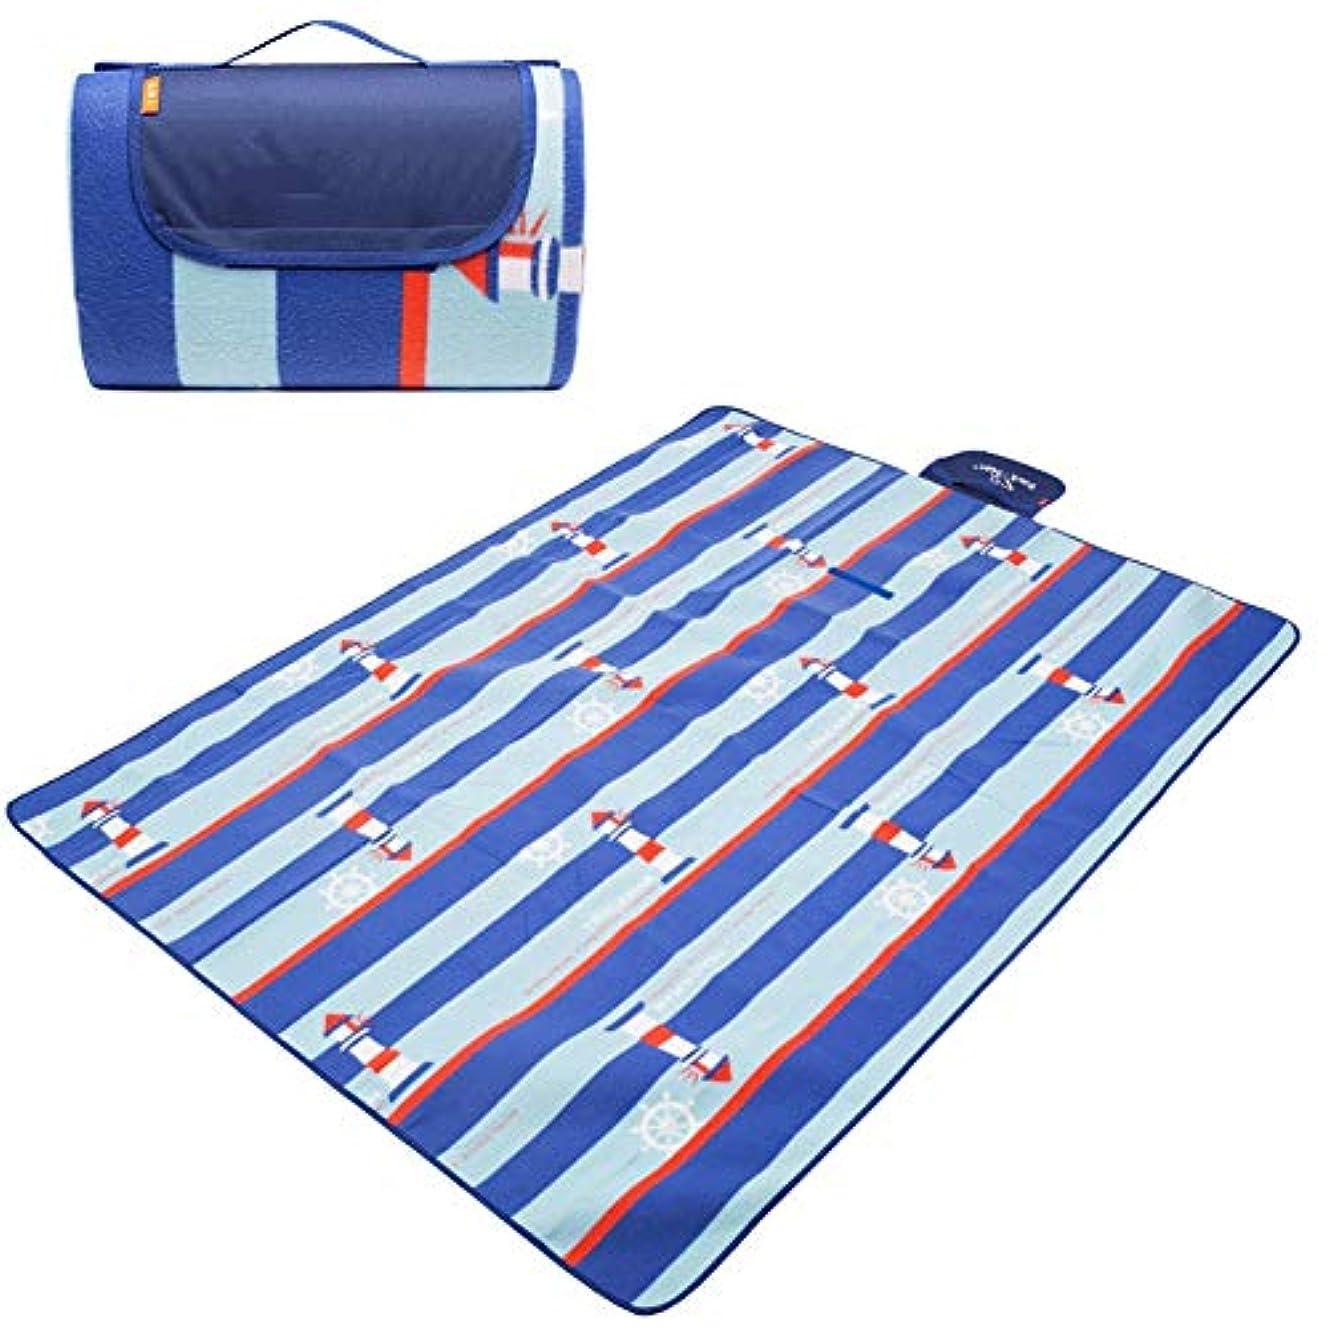 哲学的破壊的球状キャンプマットマット?パッド キャンプトートマットピクニックマット毛布敷物テントマットレスポータブル軽量フリーストラベルラグ防湿200×150センチ5色 (Color : A)